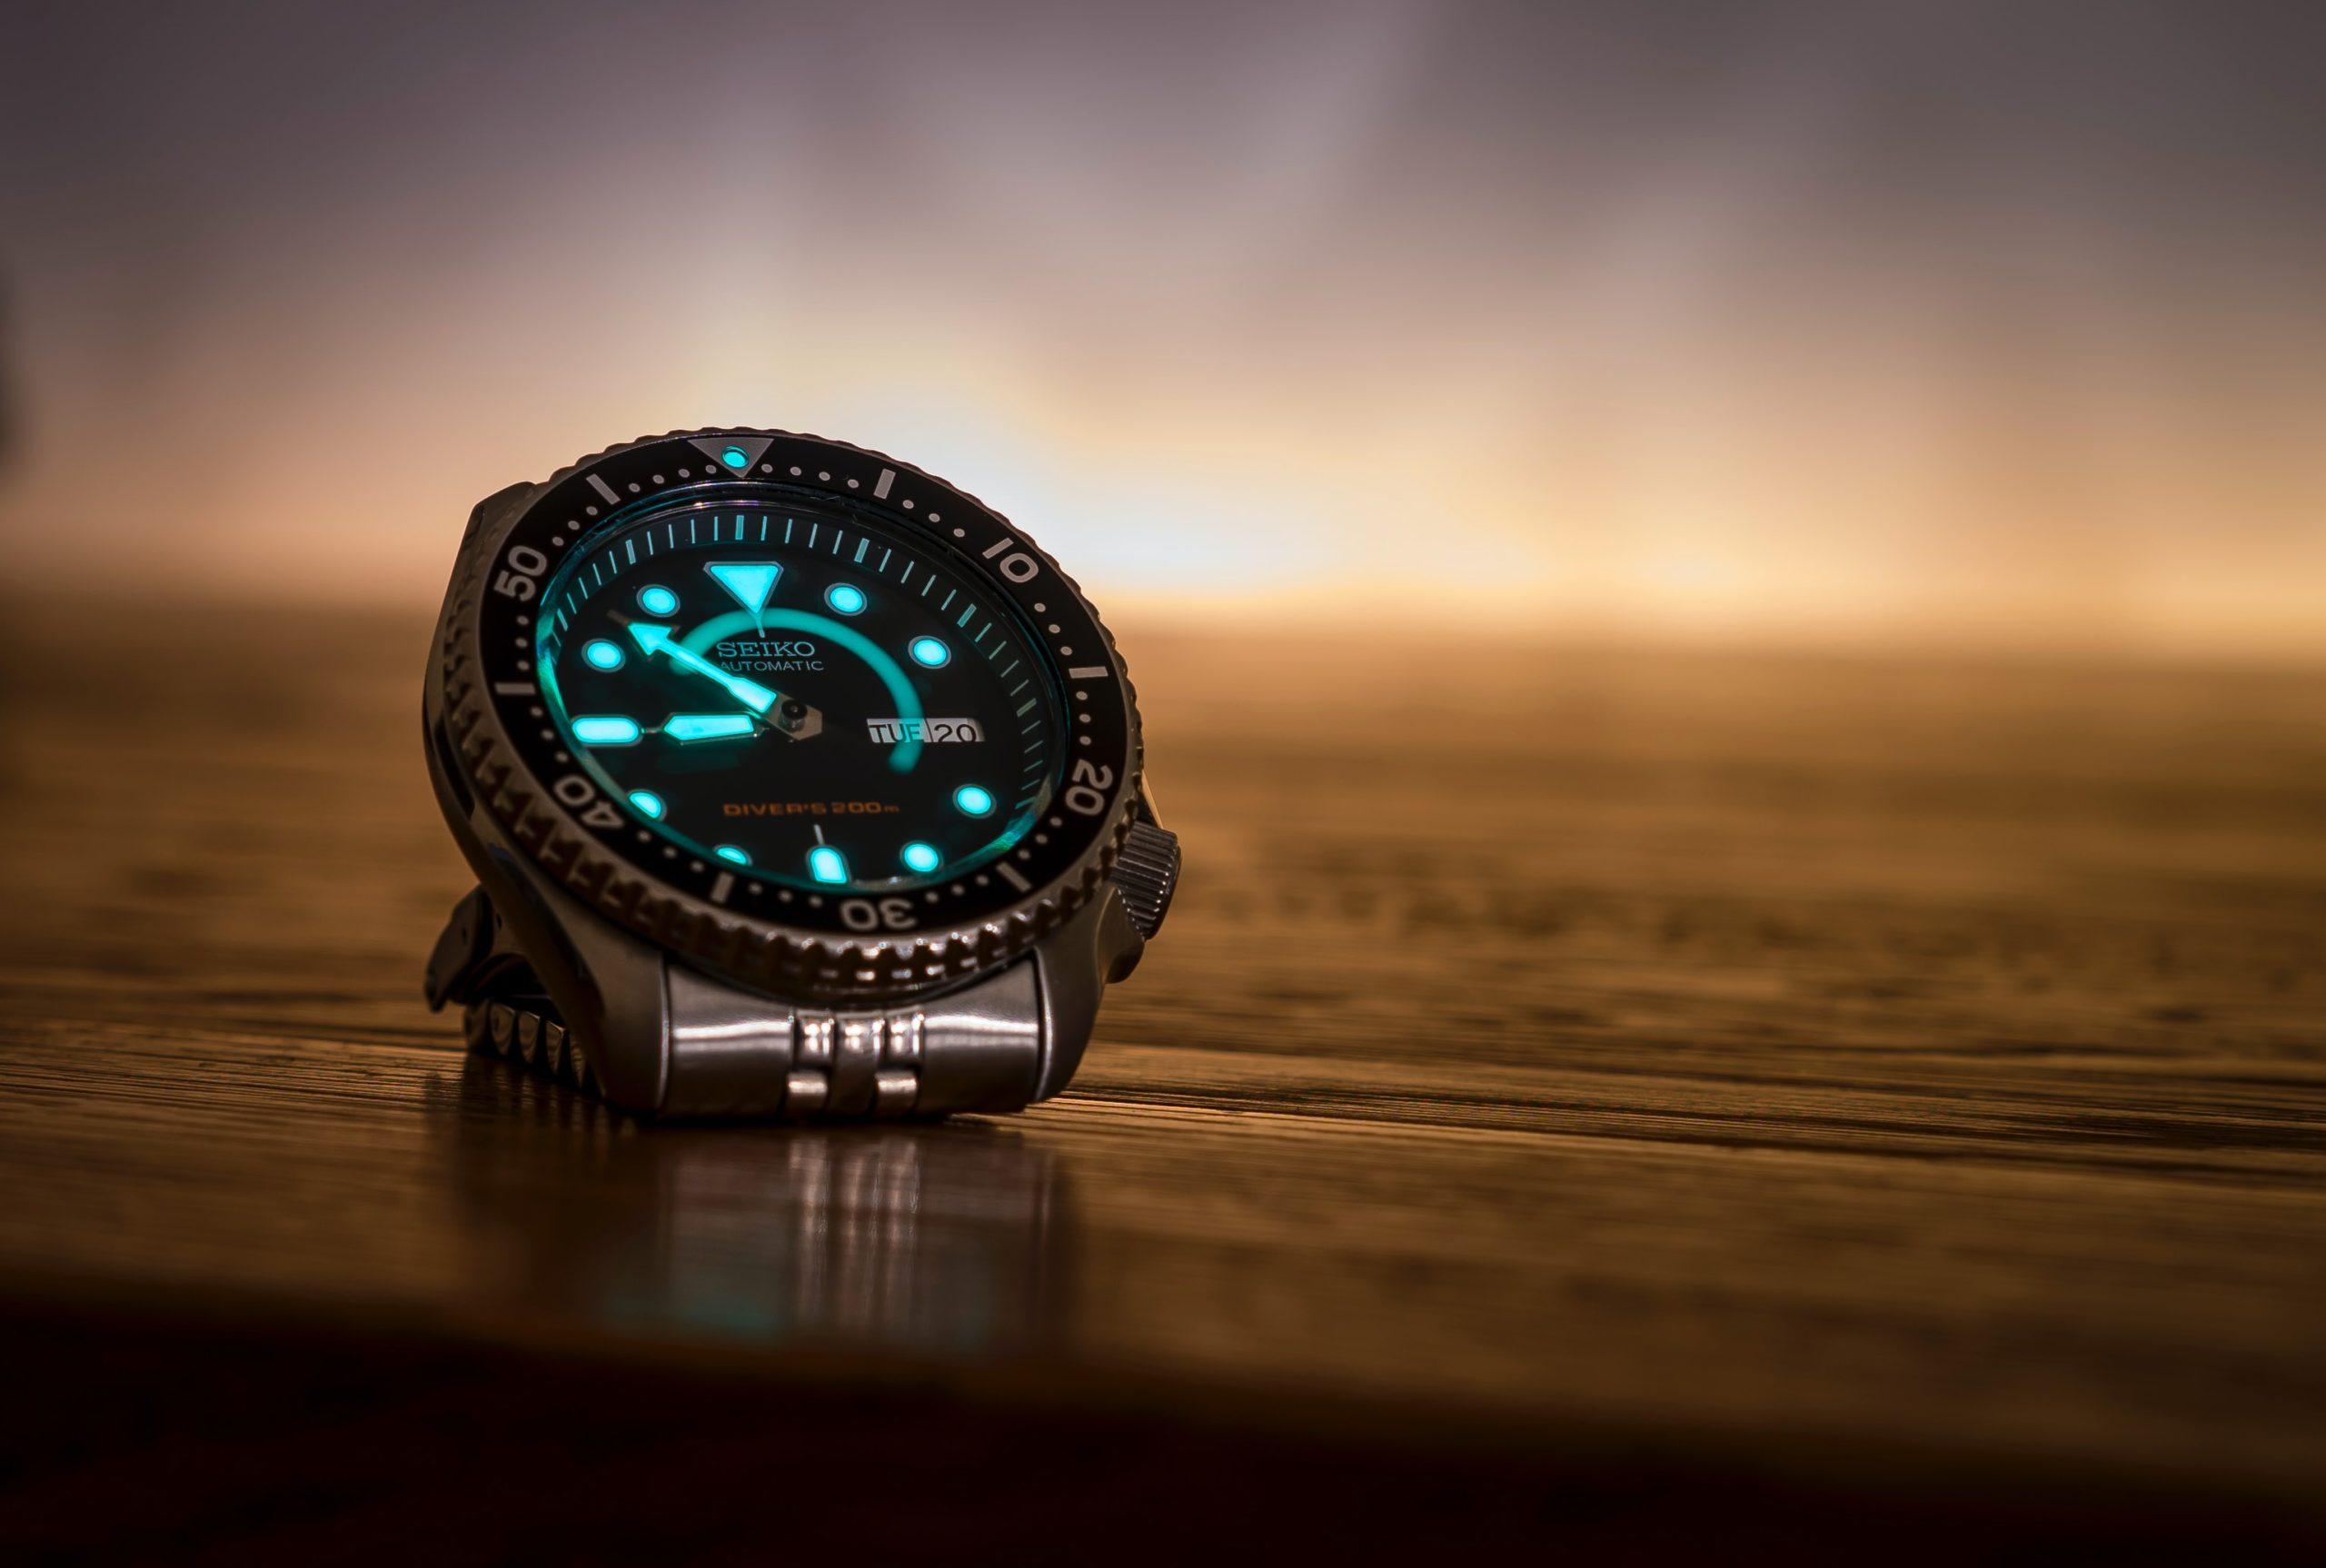 The Wristwatch